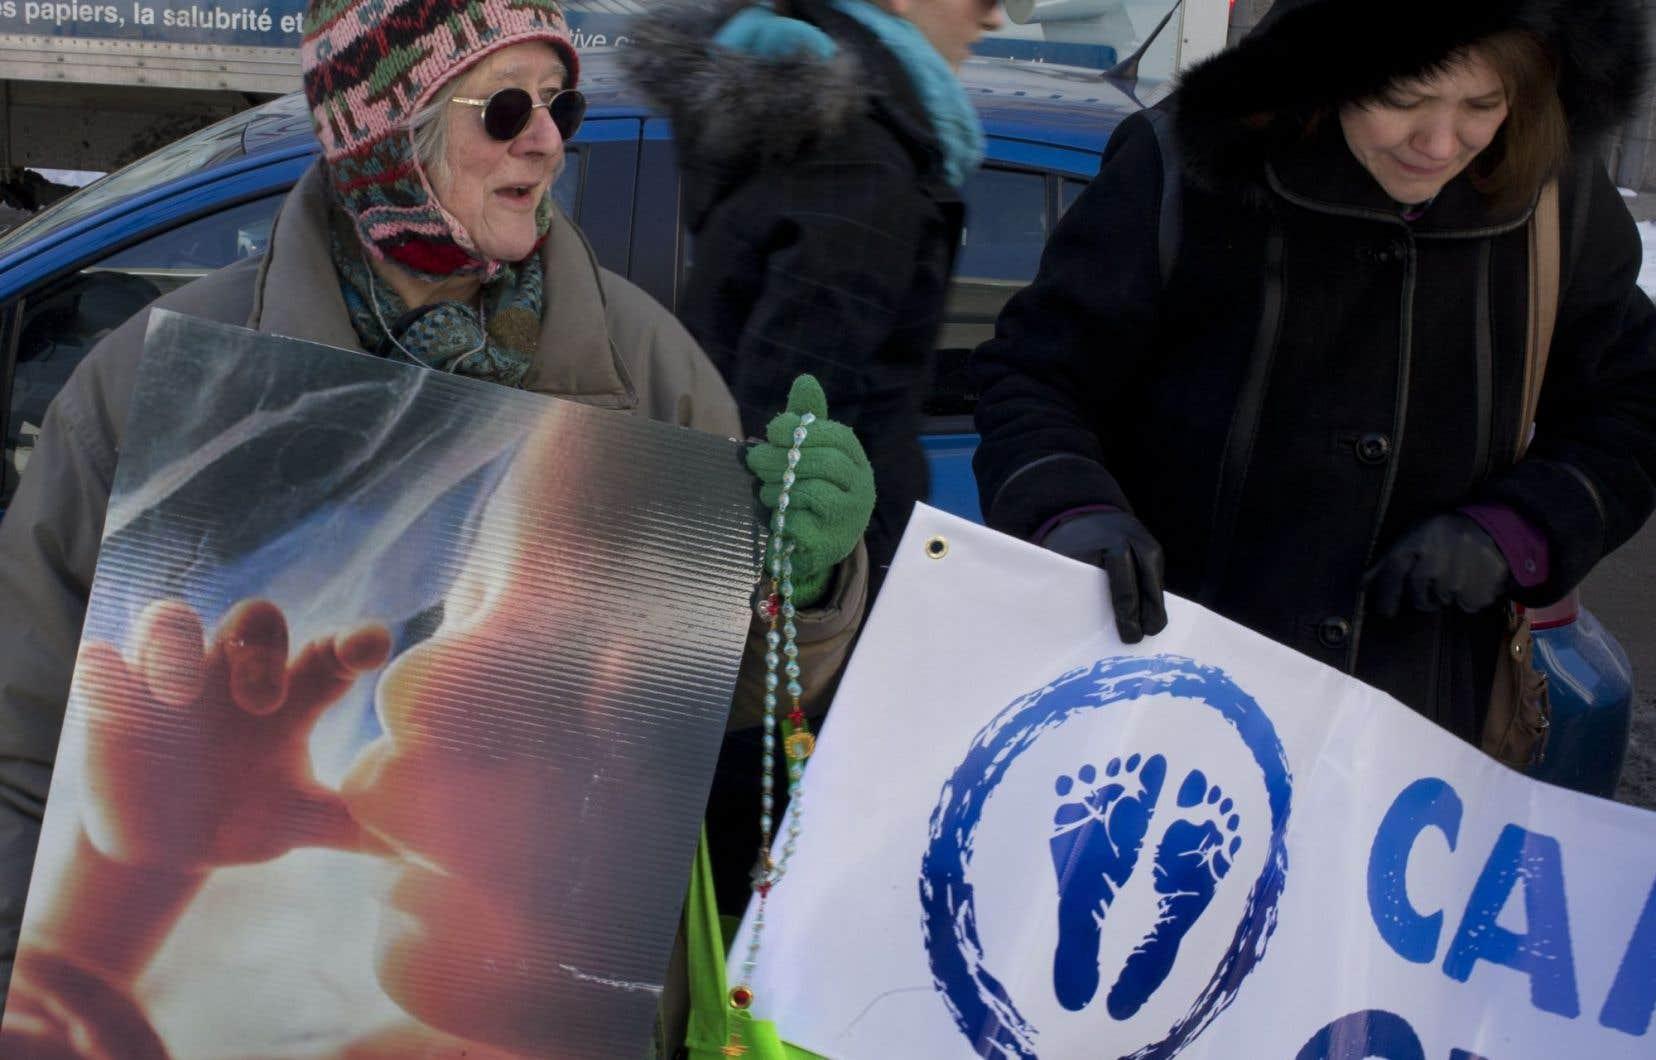 Le ministre de la Santé s'est dit persuadé qu'une interdiction de manifester à proximité des cliniques d'avortement passera le test de la Charte canadienne des droits et libertés.